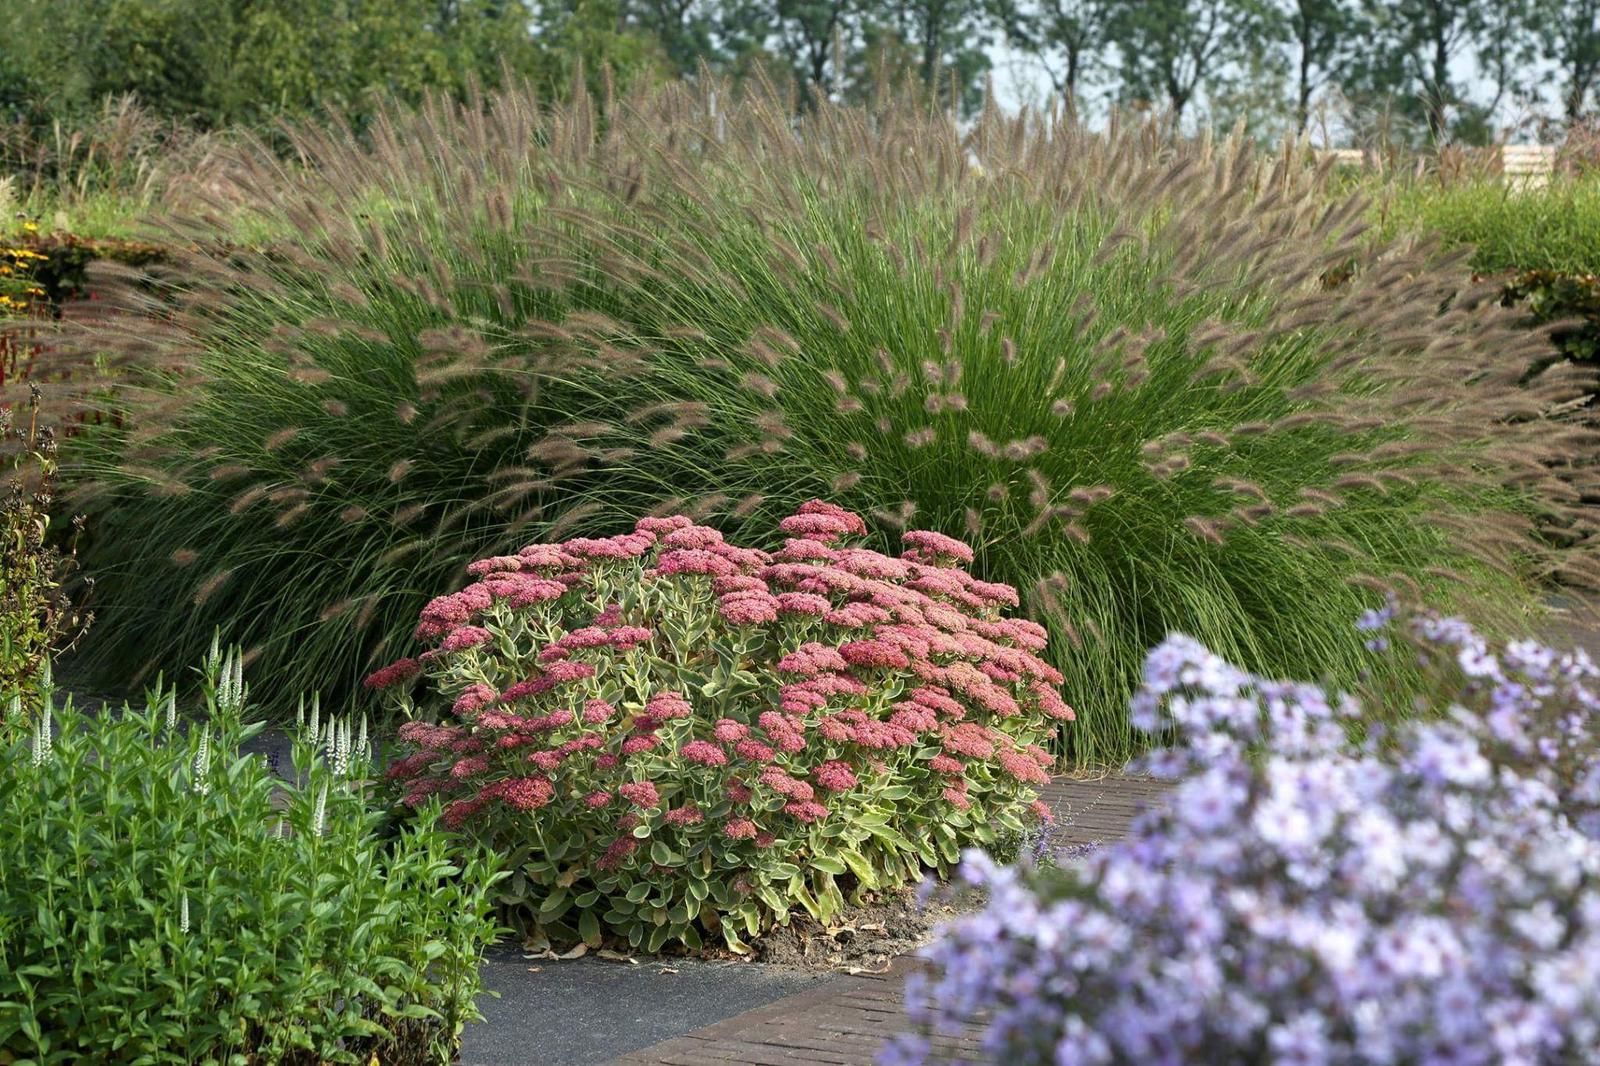 Zahrada - inspirace - modrá hvězdnice vpravo dole, bílý rozrazil, červený rozchodník a oooobří dochany